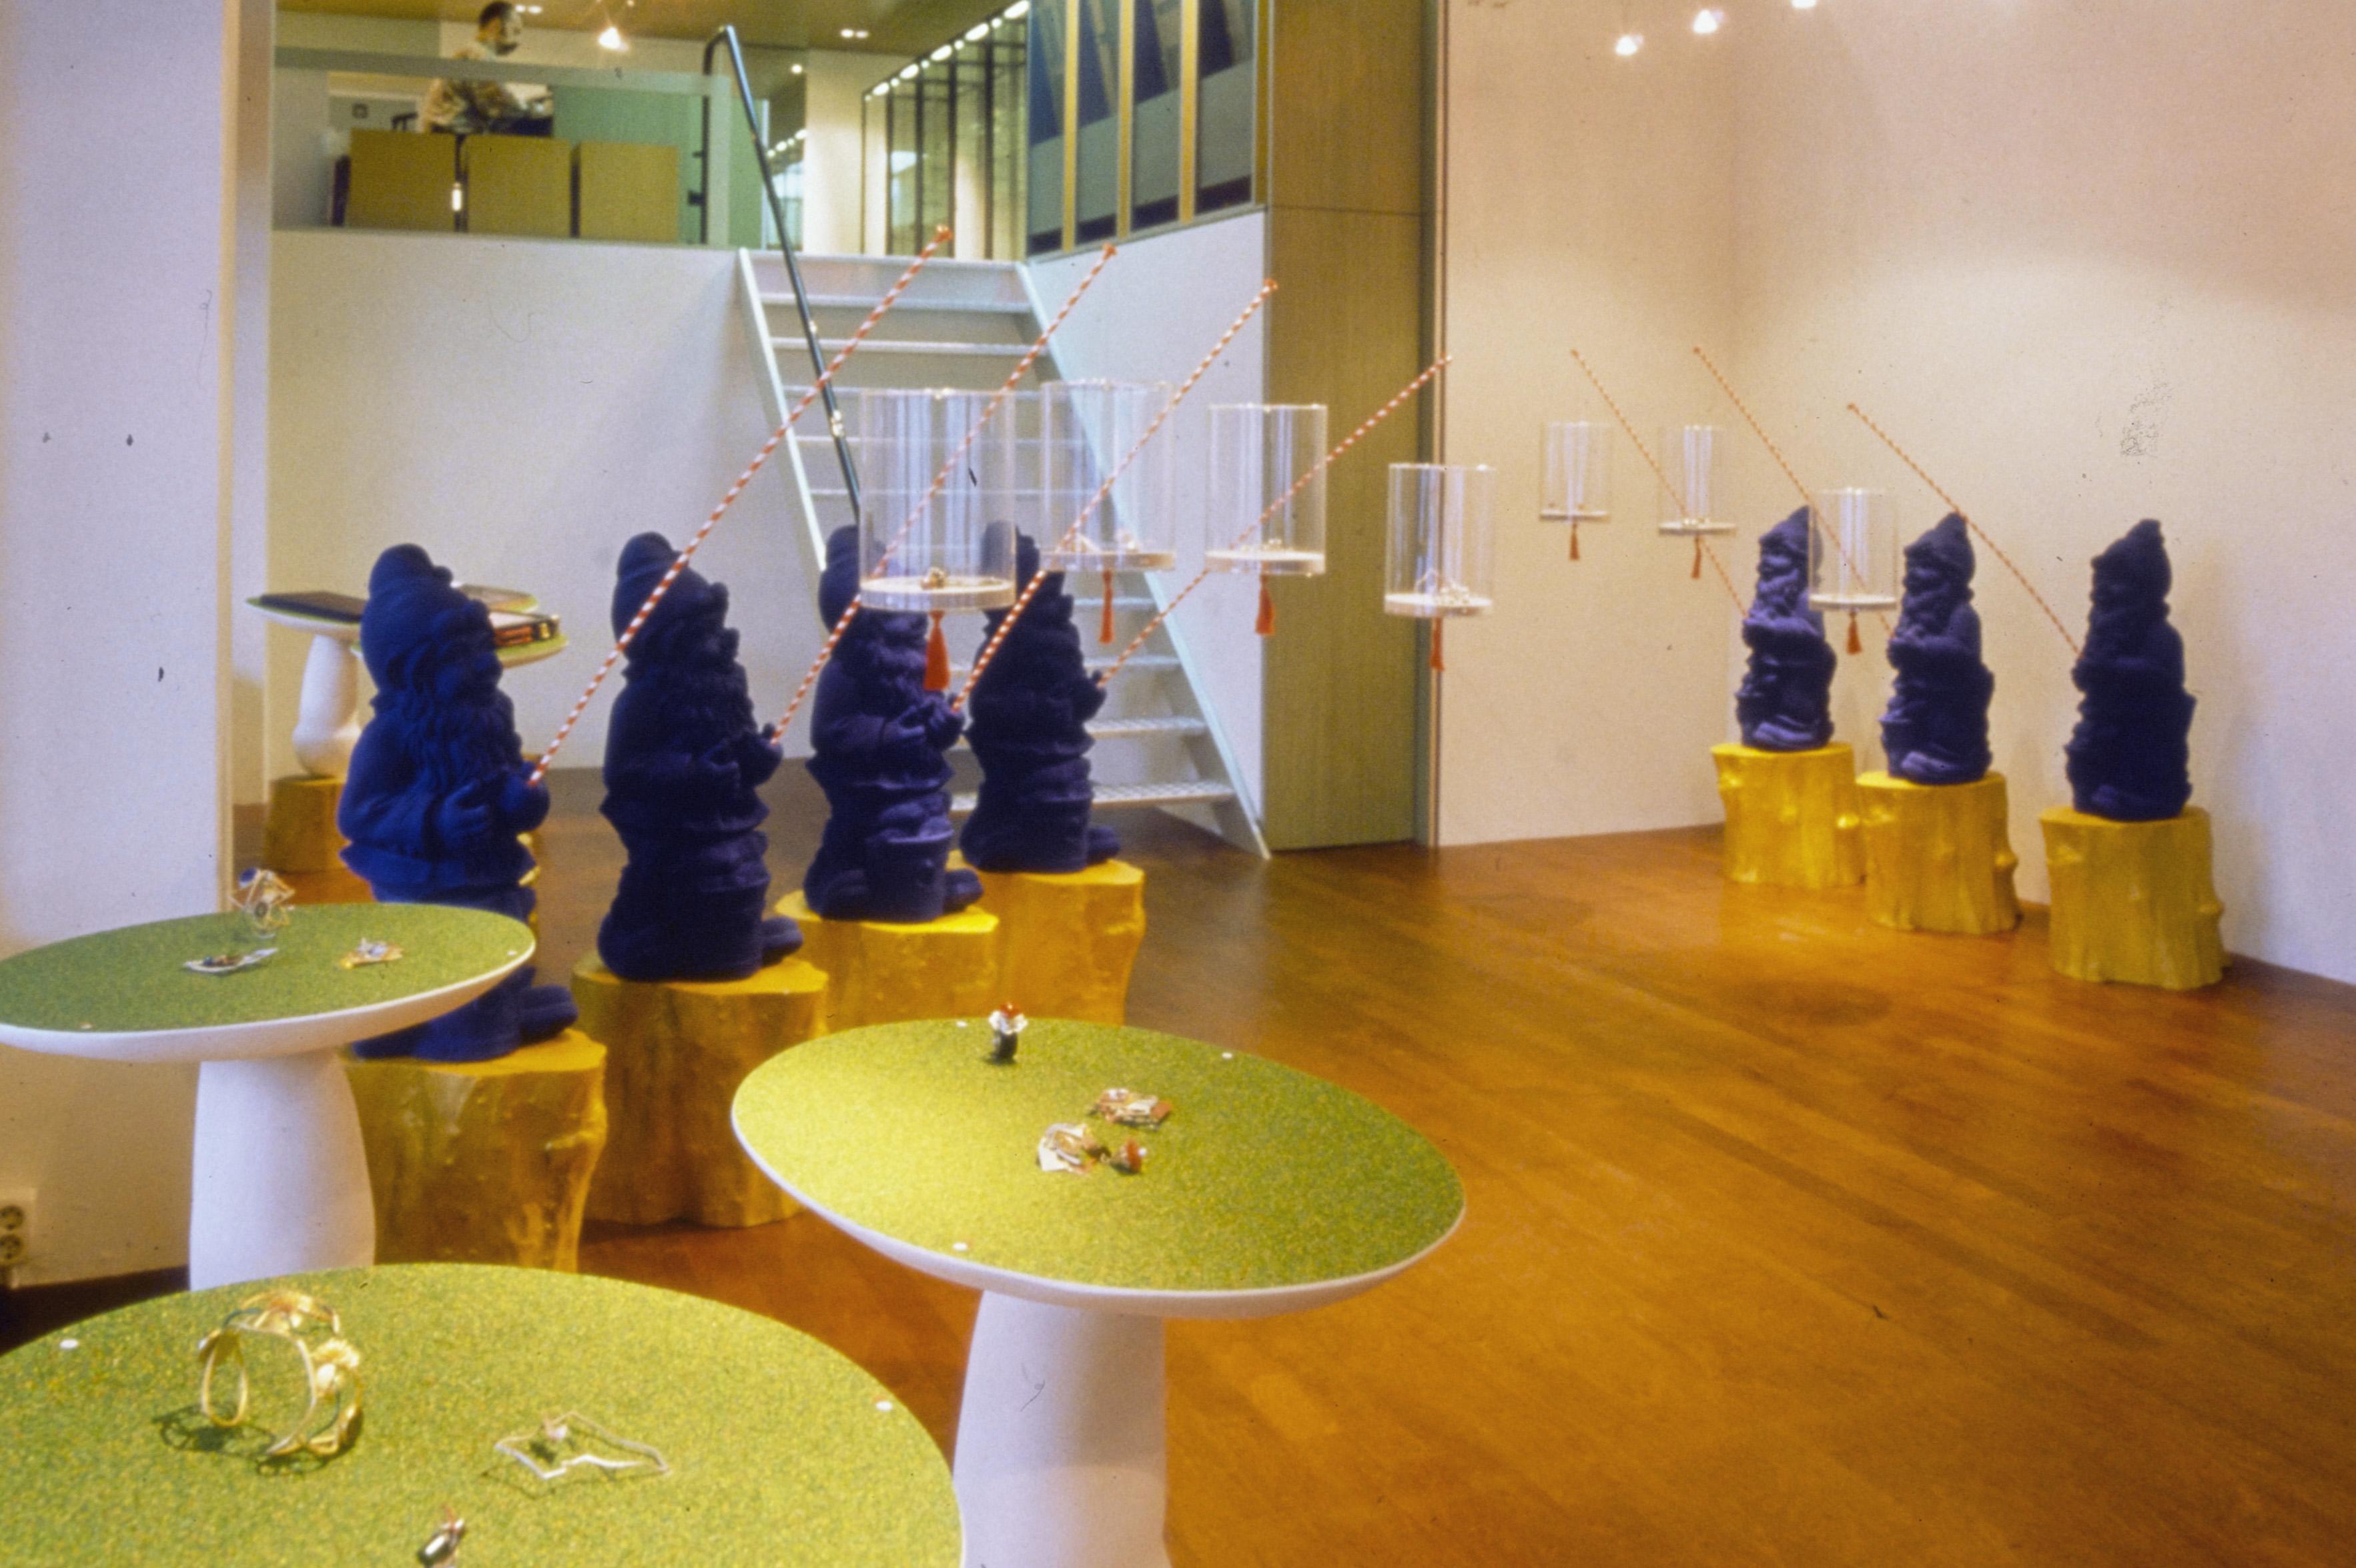 Marion Herbst, Galerie Ra, Vijzelstraat Amsterdam